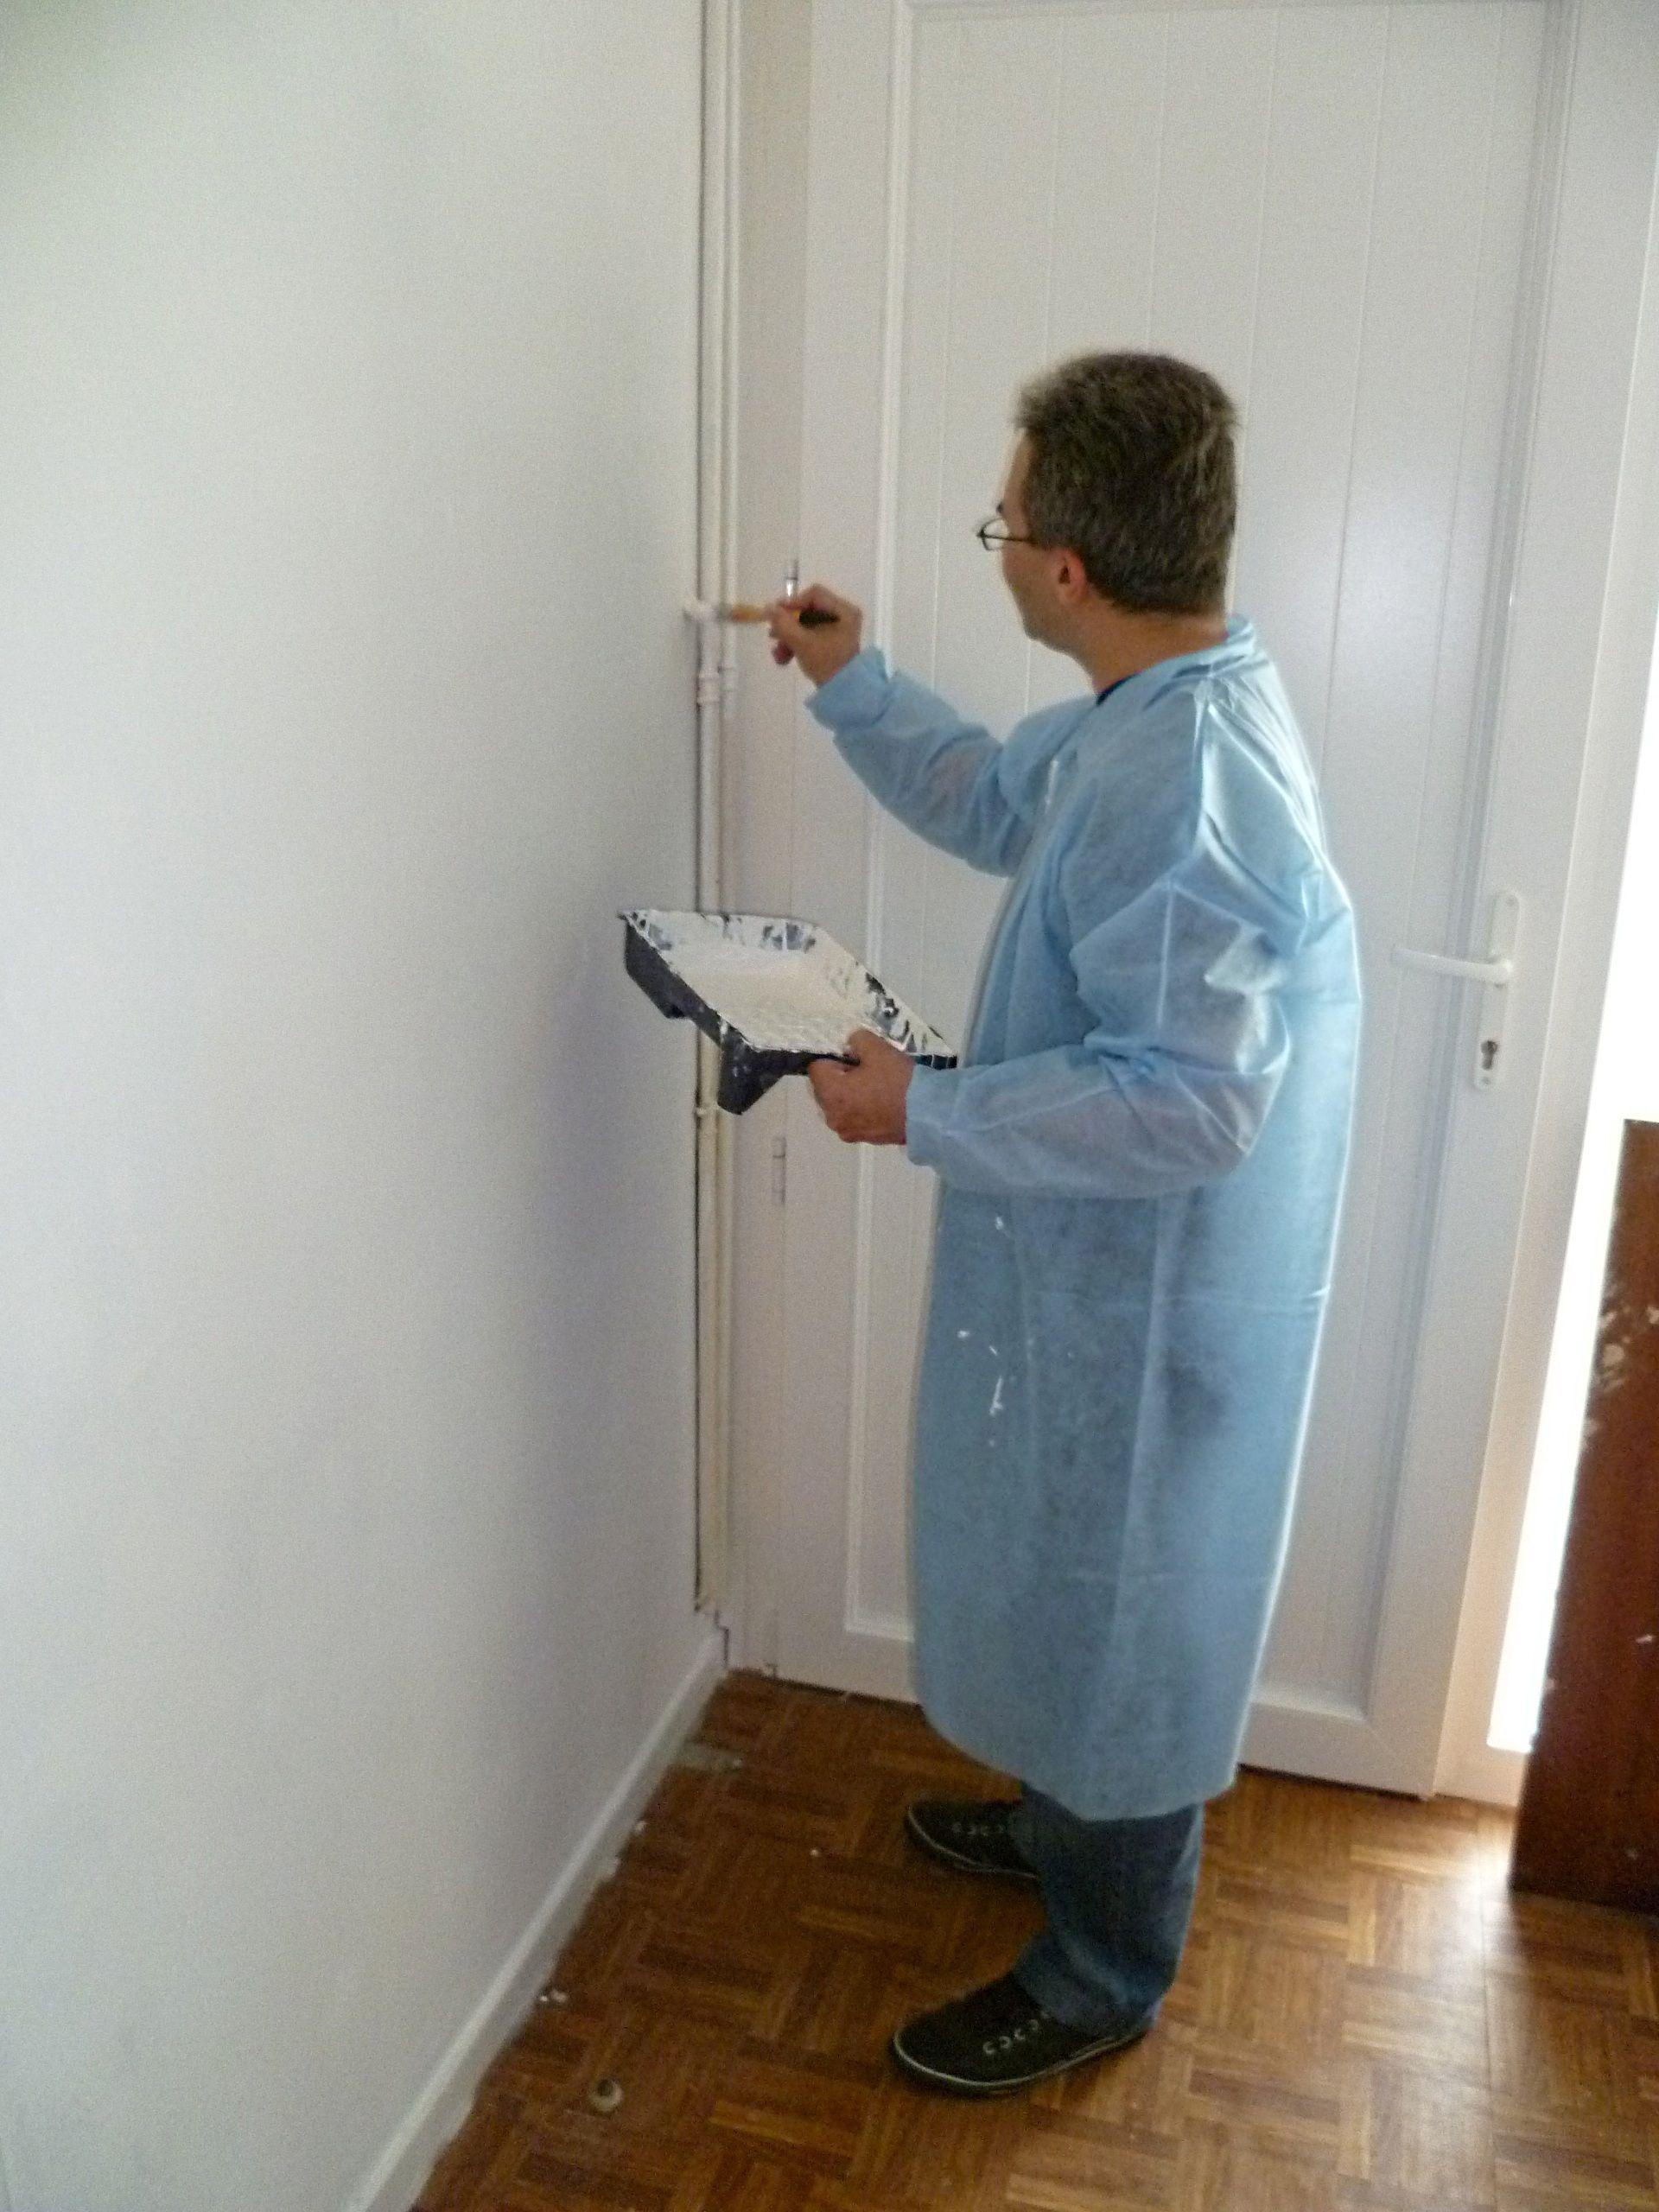 Peinture int rieure maison 1 for Peinture interieure maison